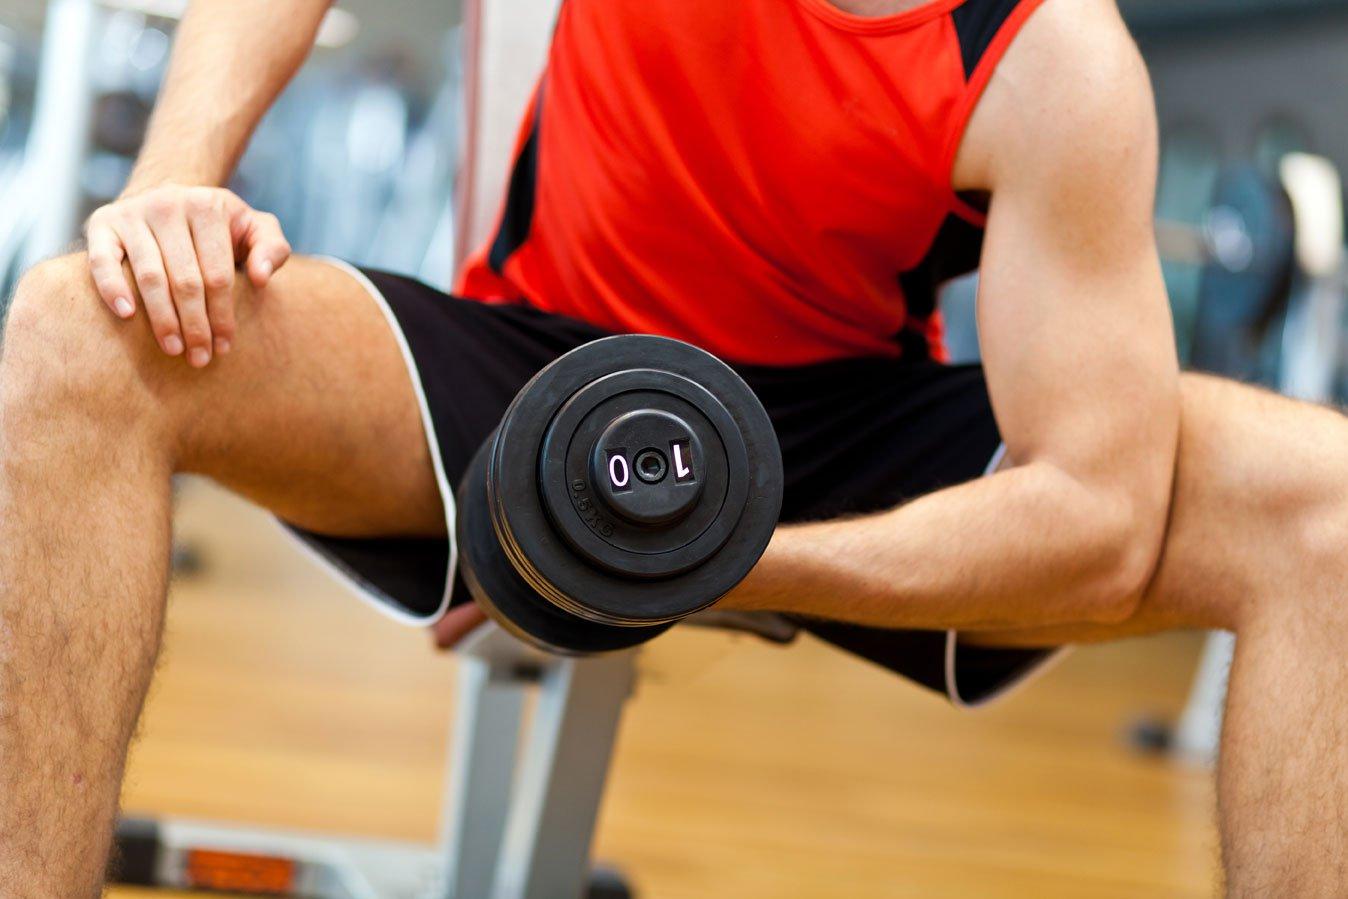 Kdy rozhodně necvičit? 5 tipů, kdy se cvičení vyhnout.